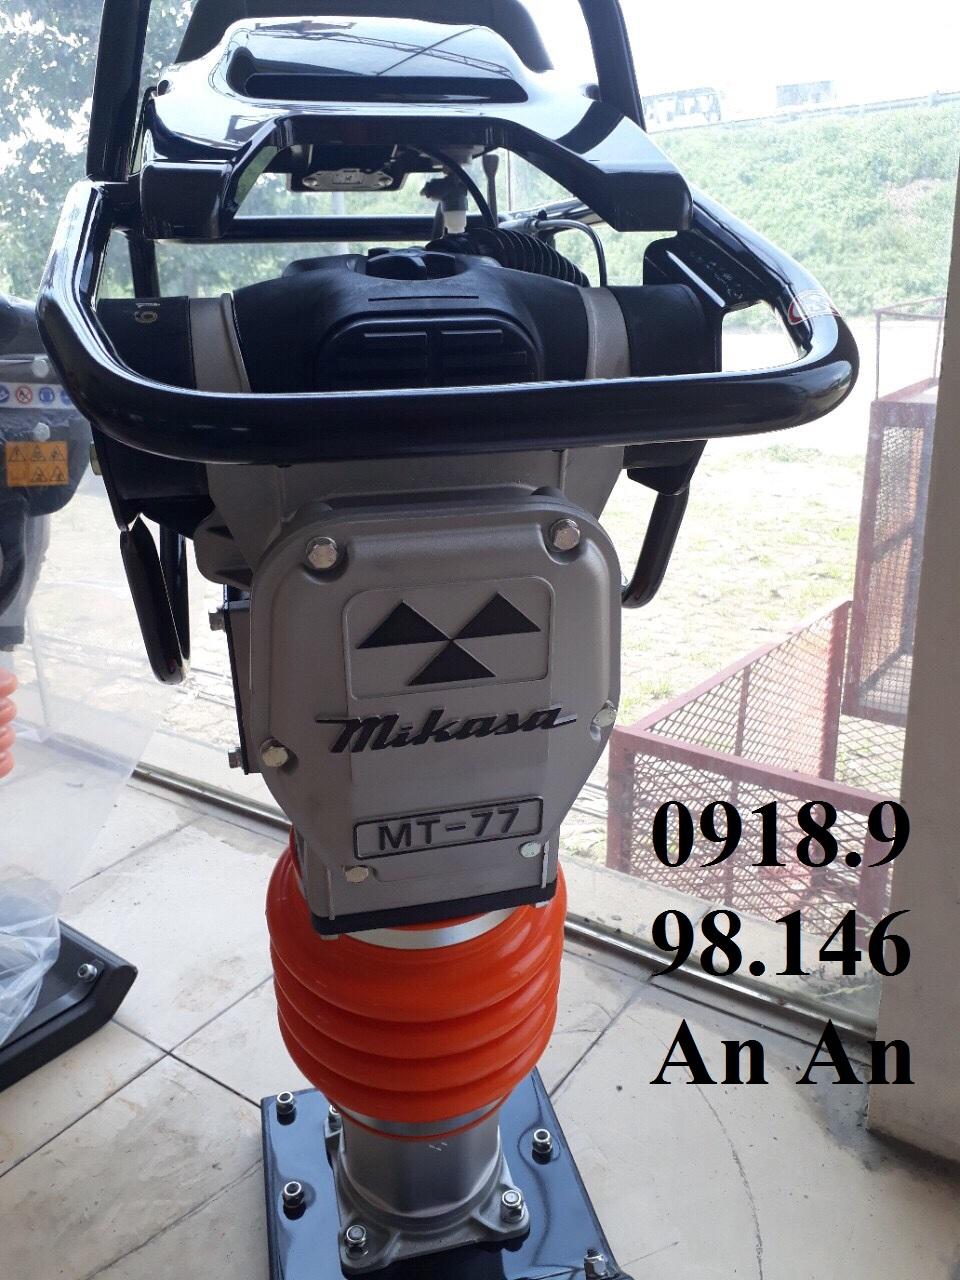 Siêu phẩm máy đầm cóc chạy xăng Mikasa MT77-80kg, động cơ Honda GXR120